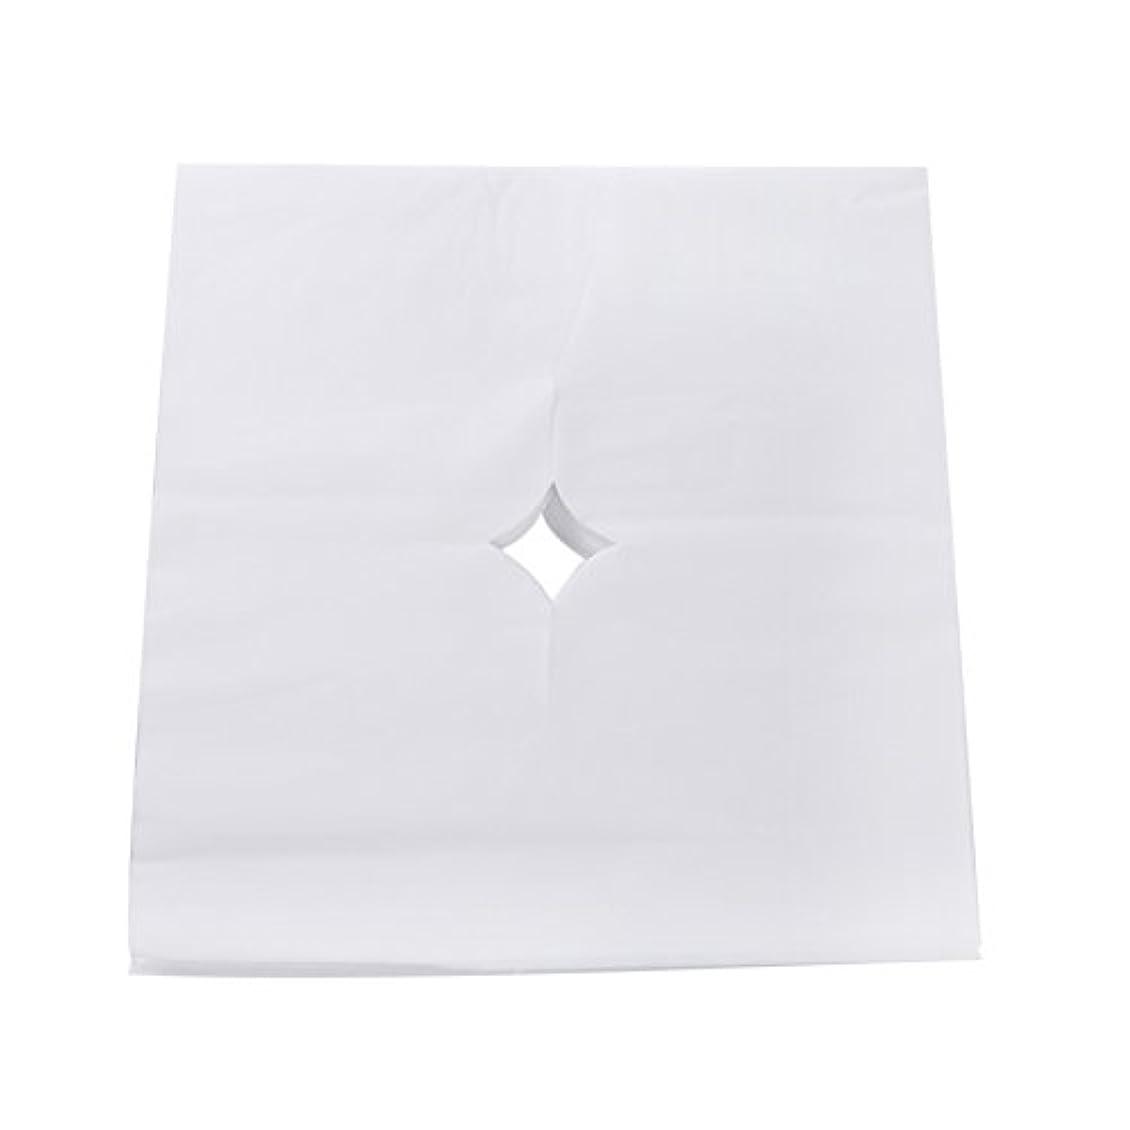 永遠の普及適応Decdeal ピローシート フェイスパッド 100pcs /バッグ ベッドテーブルフェイスホールカバー スパマッサージ 美容院 使い捨て呼吸シートホワイト